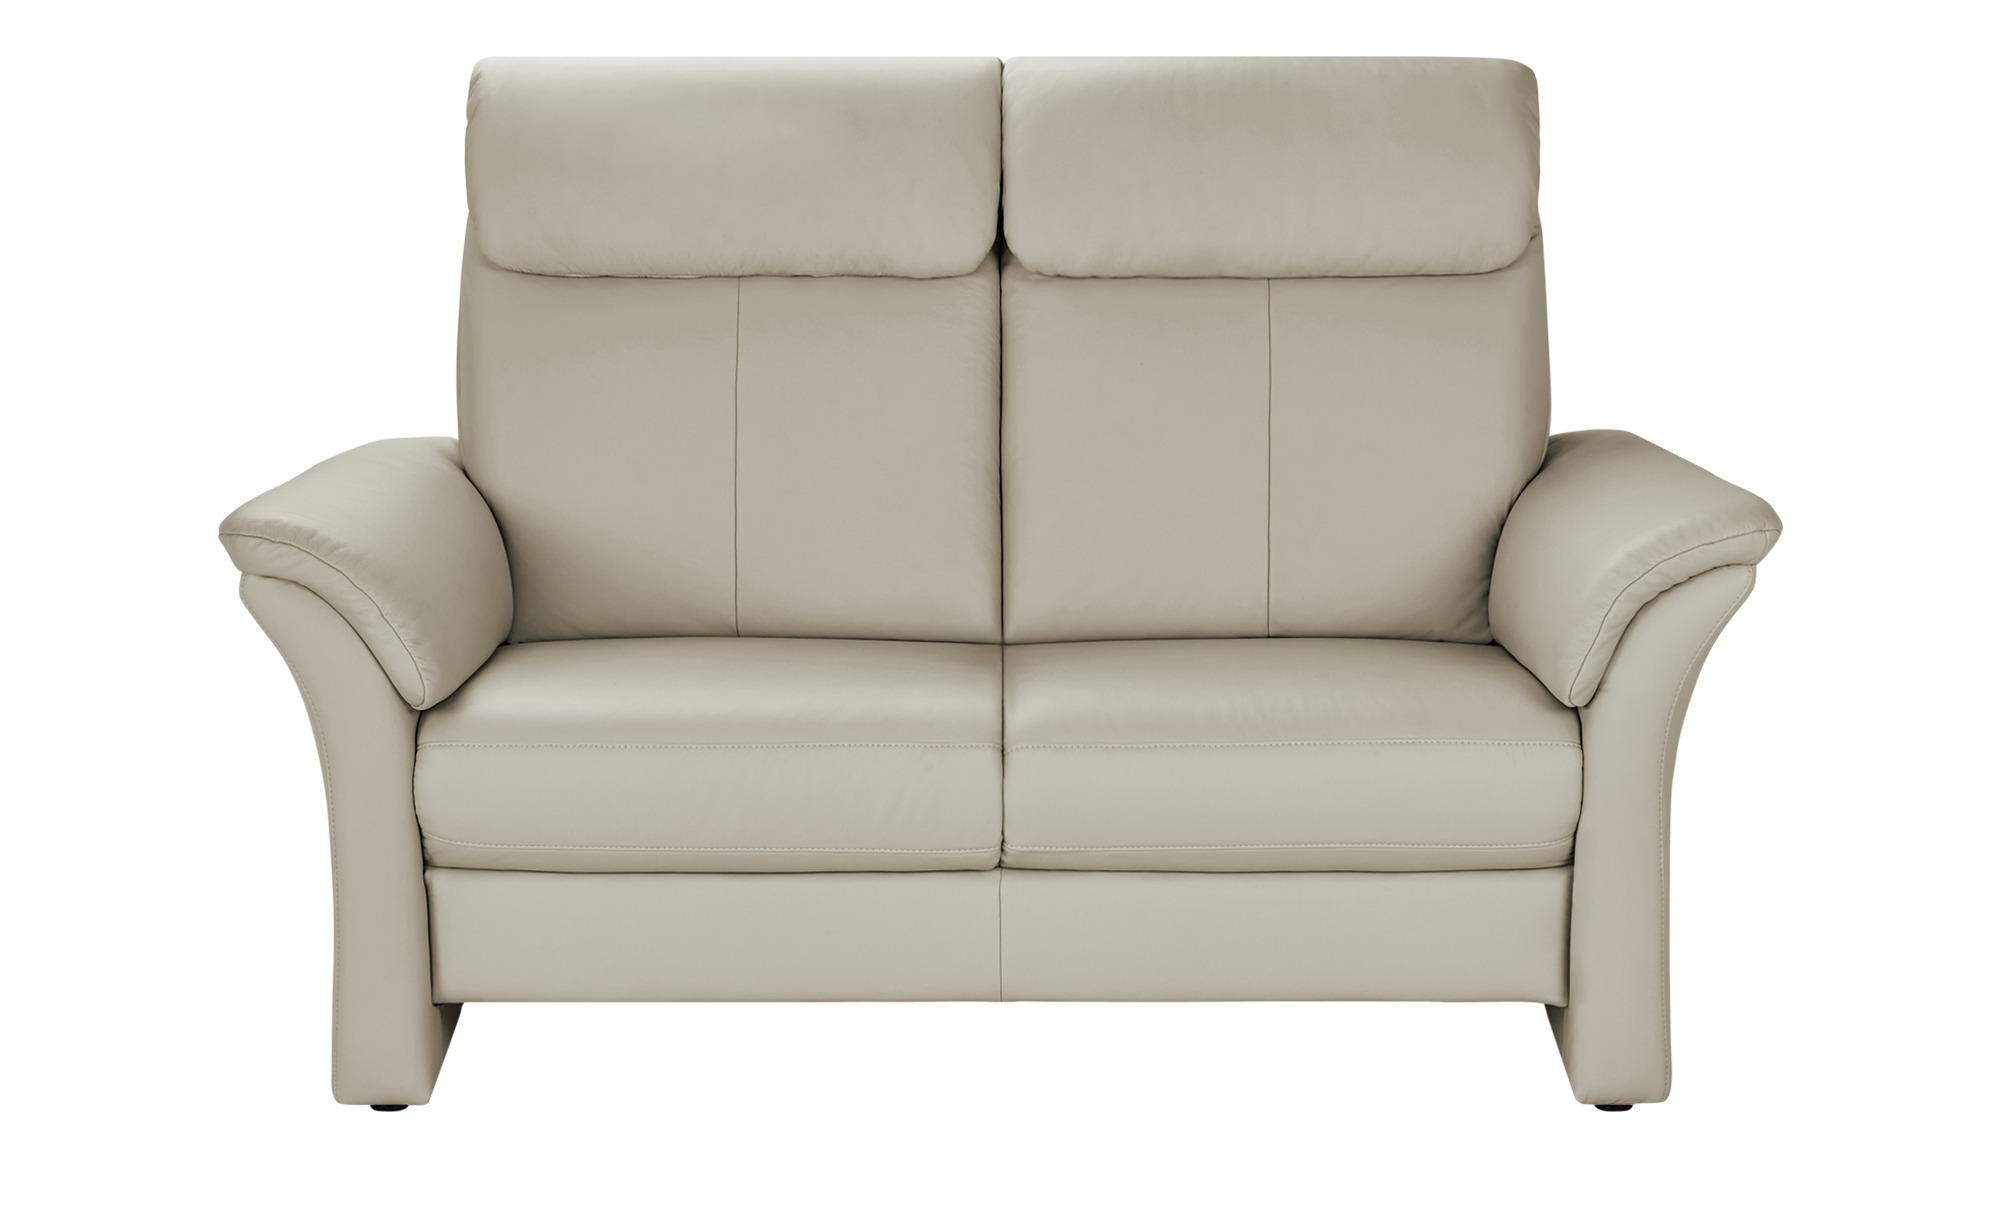 wohnwert sofa 2 sitzer lena bei m bel kraft online kaufen. Black Bedroom Furniture Sets. Home Design Ideas